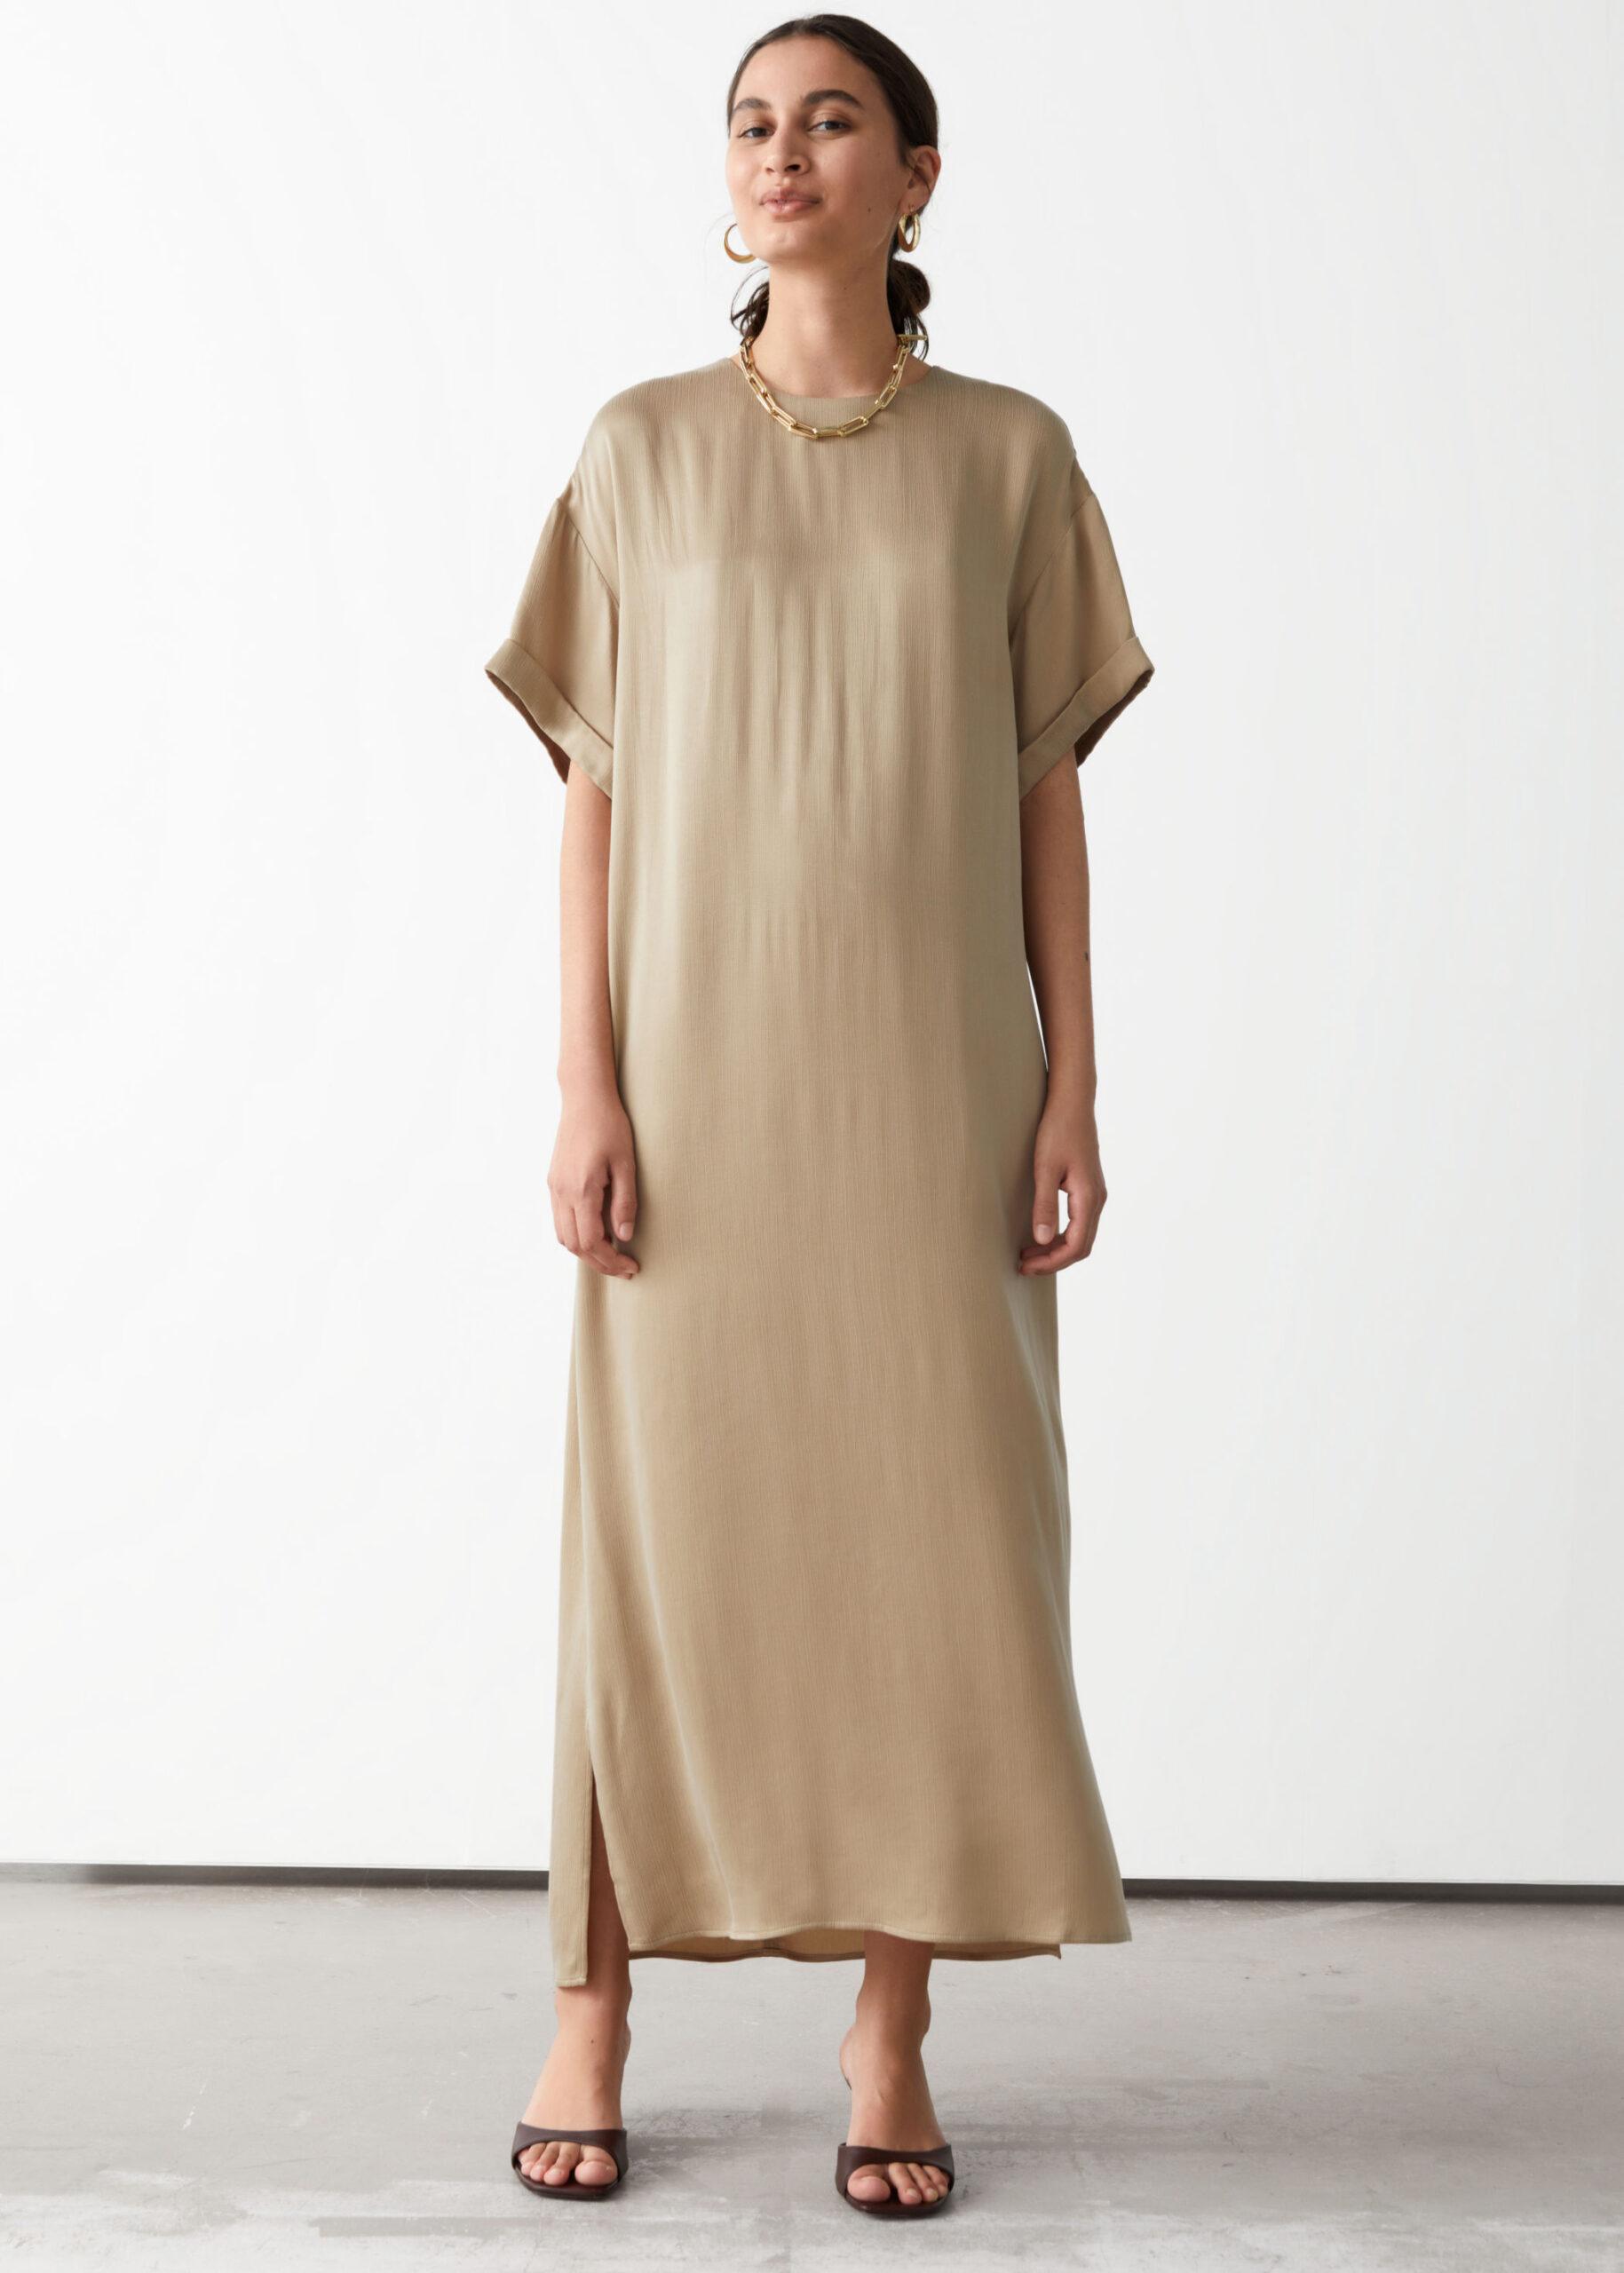 Cupro Maxi Dress $129